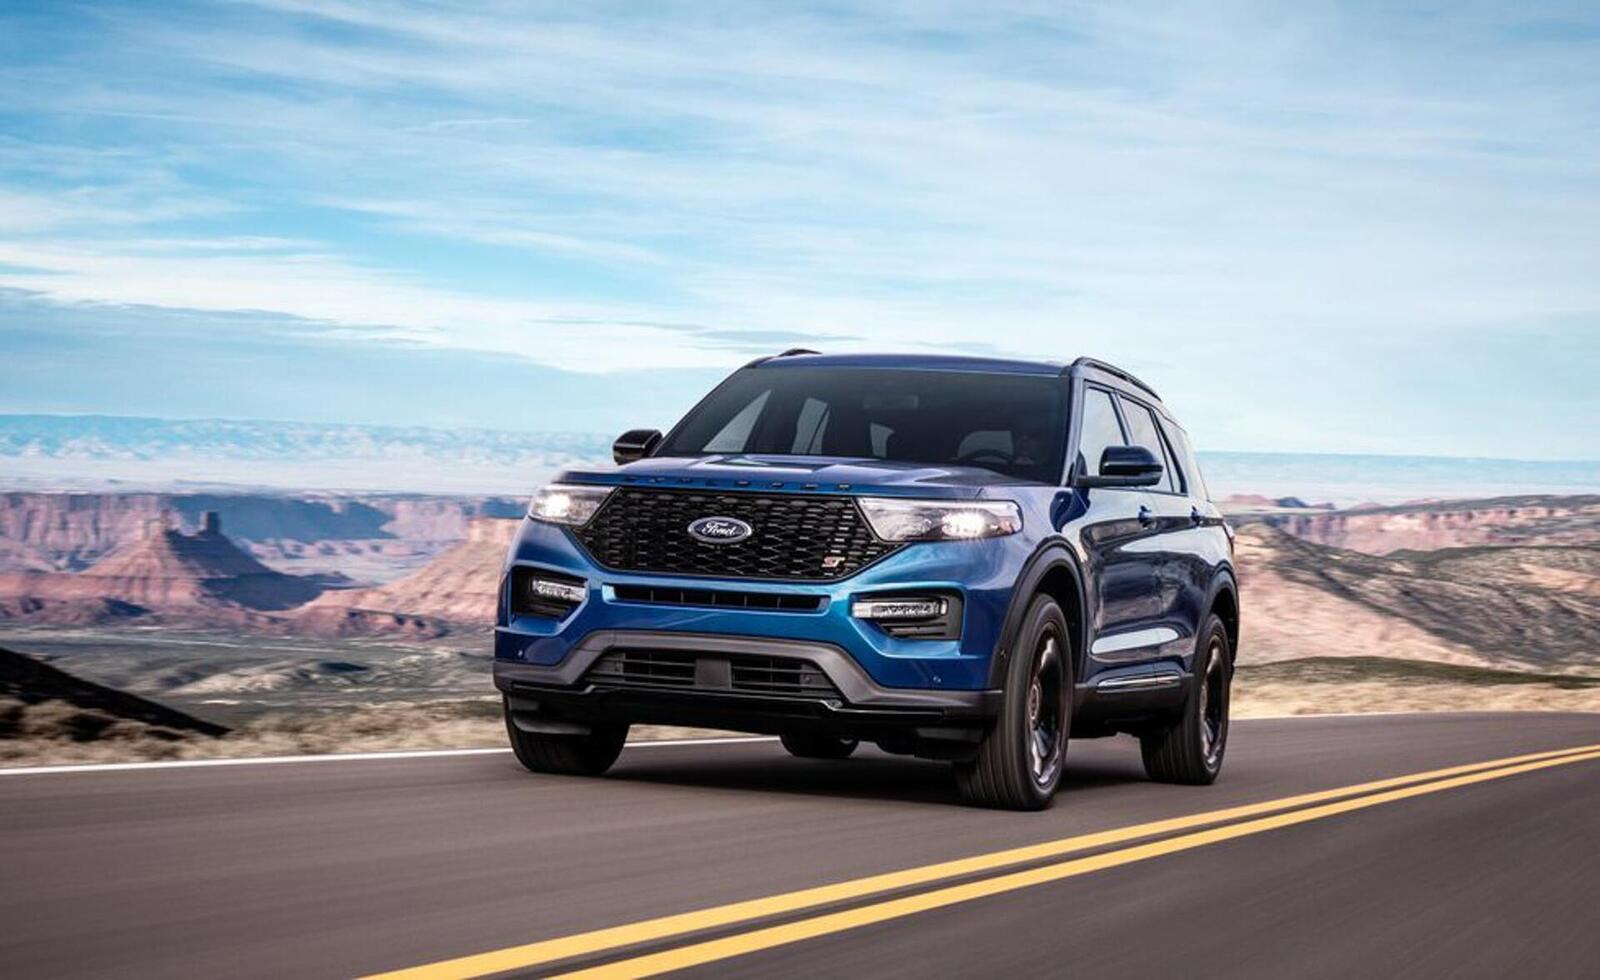 Ford giới thiệu Explorer ST 2020: Phiên bản mạnh nhất lắp máy V6 3.0L tăng áp 400 mã lực - Hình 9